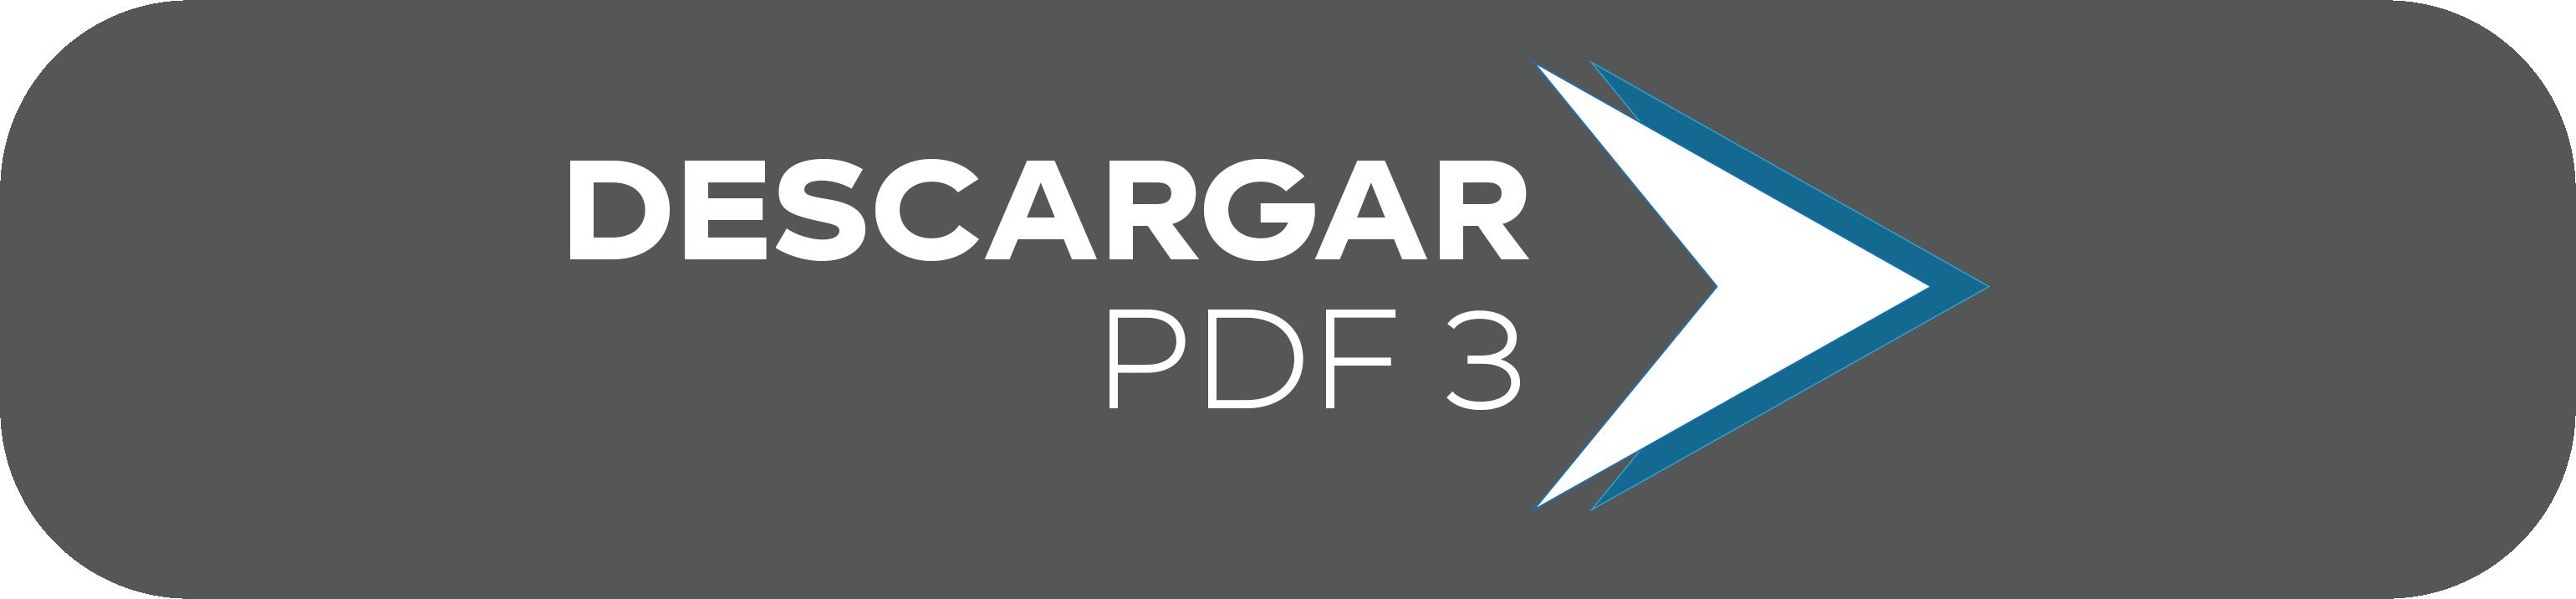 Descargar-PDF-3